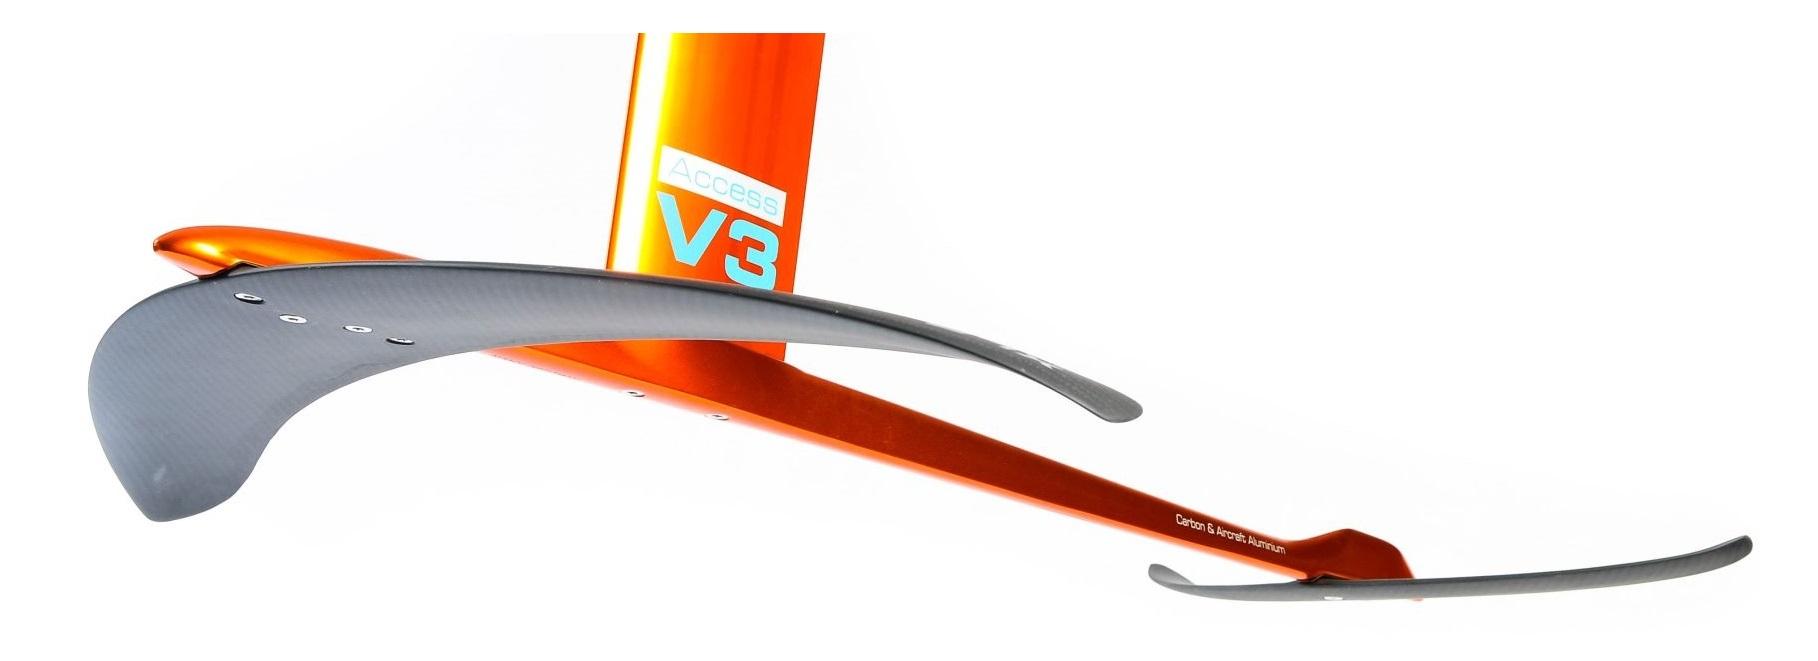 Kitefoil windfoil alpinefoil 7519